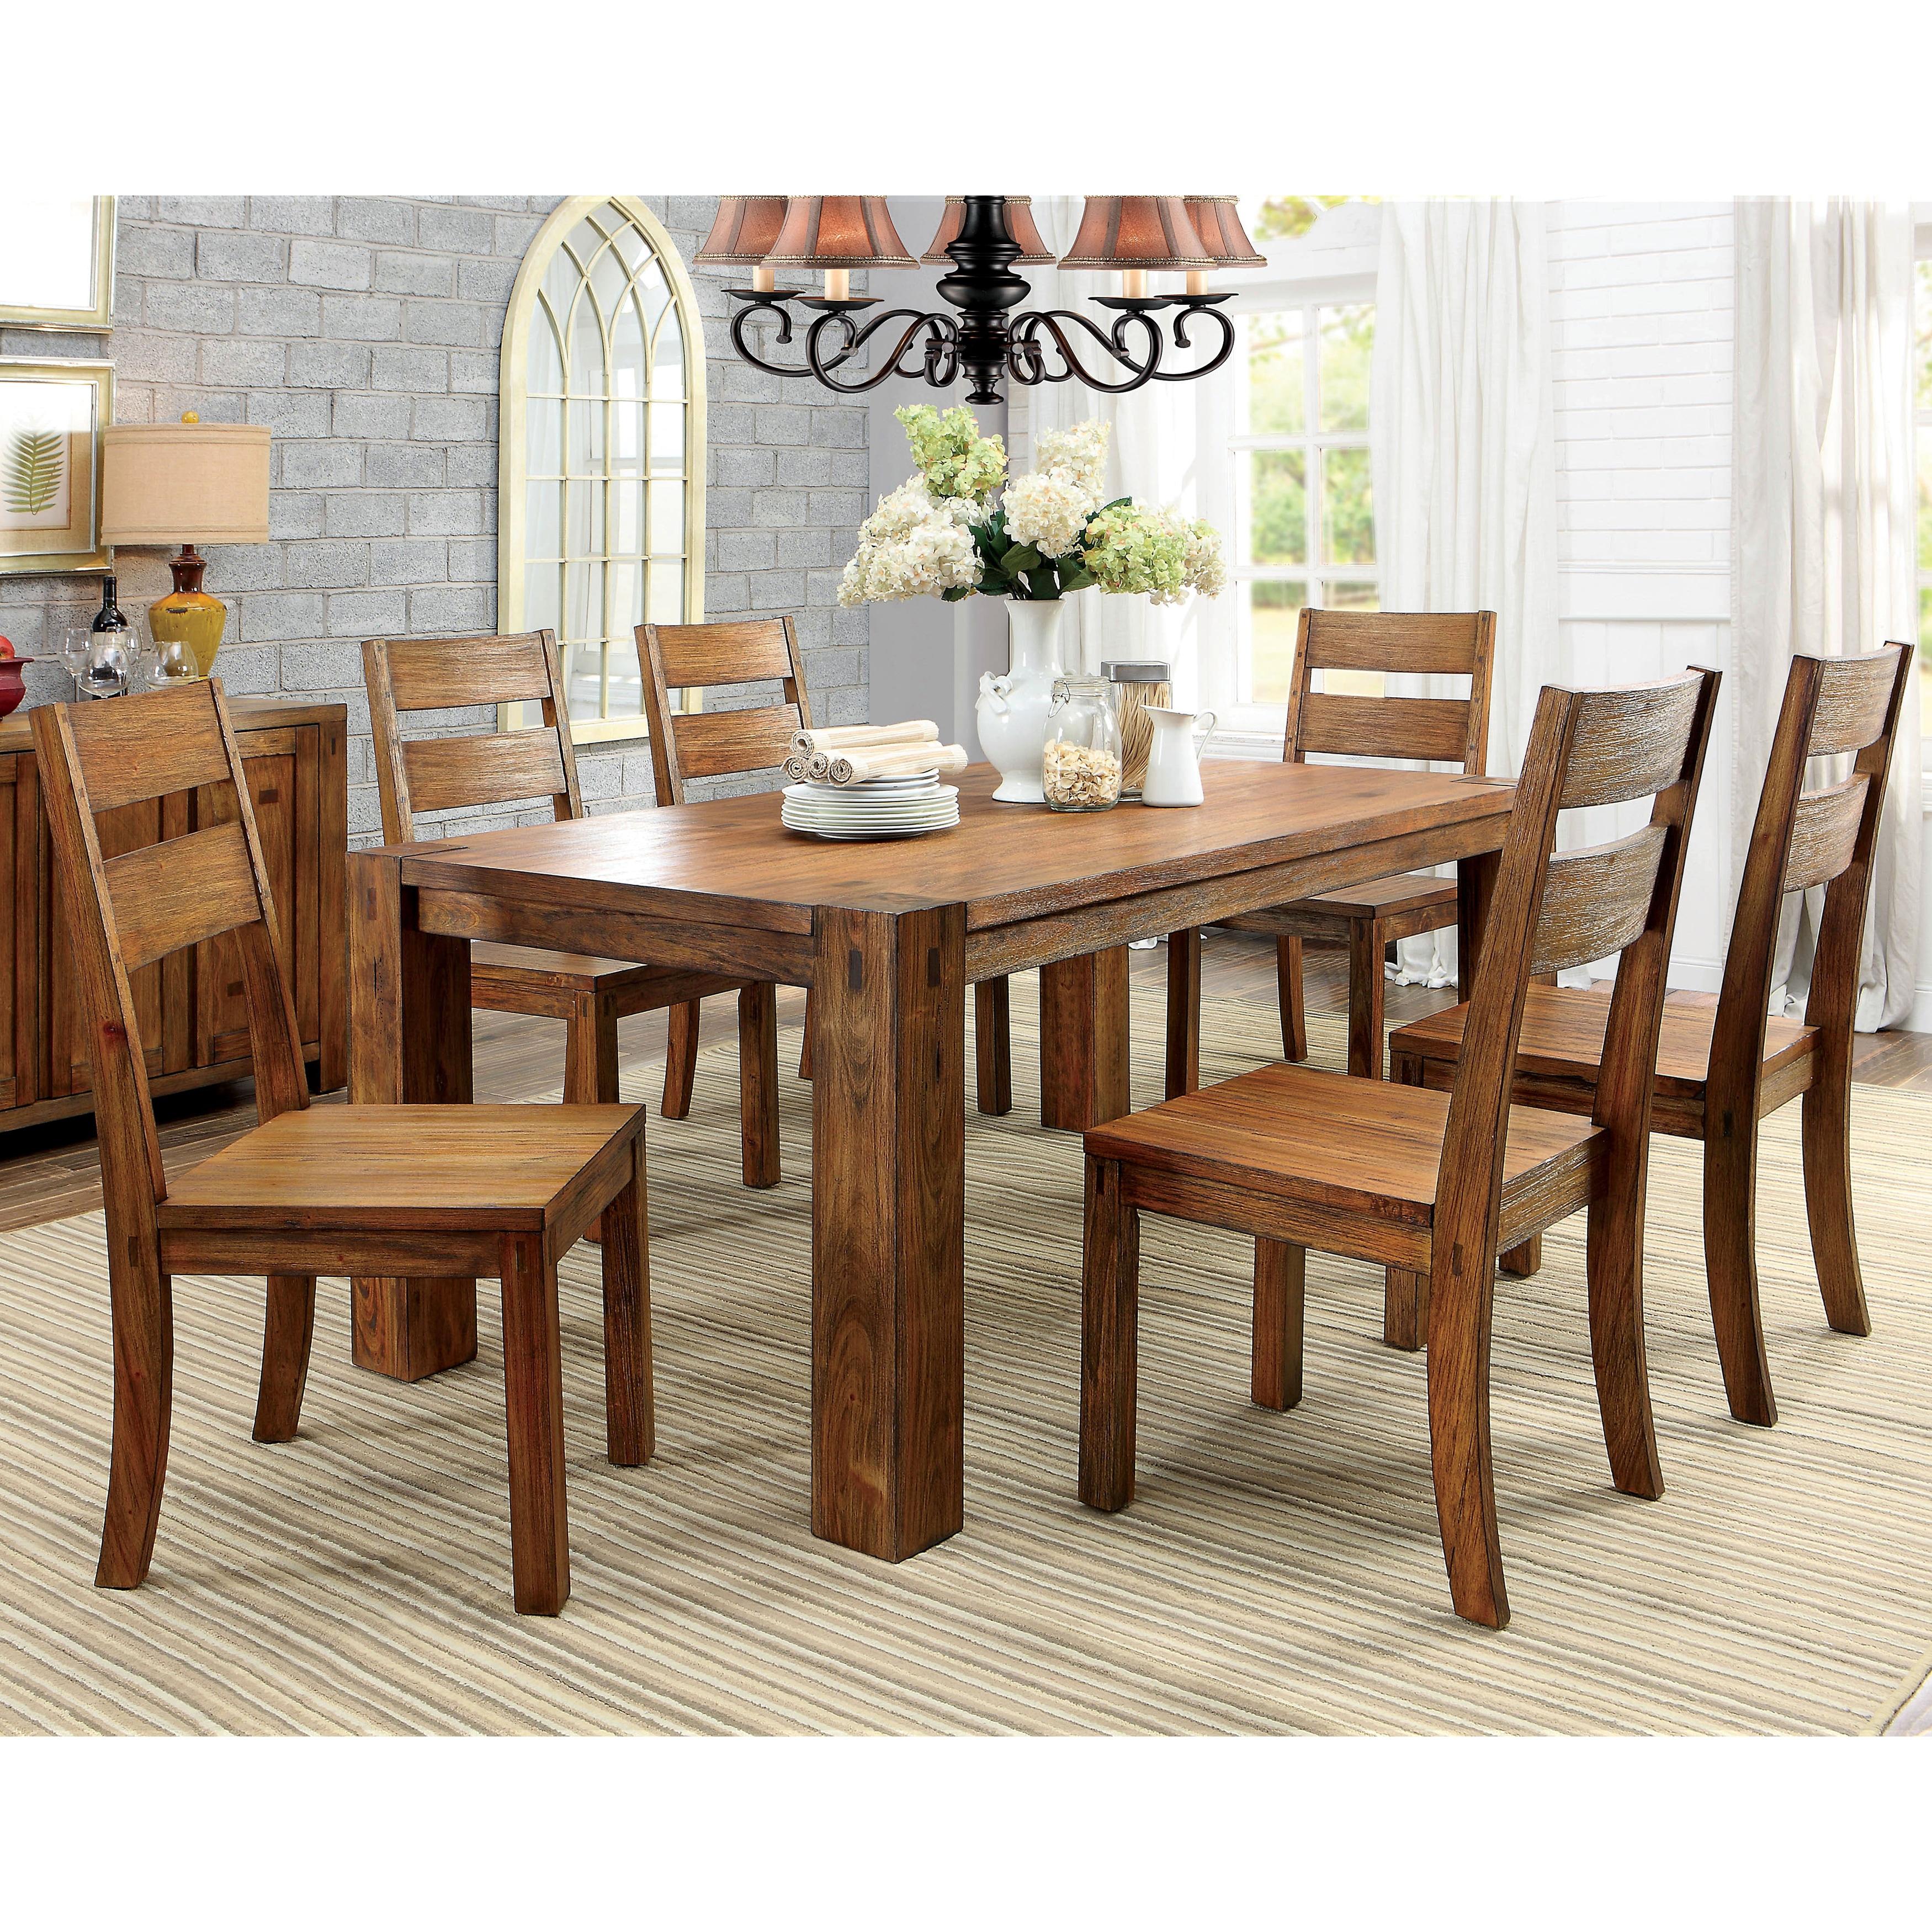 Furniture of America Clarks Farmhouse Style 7-piece Dinin...